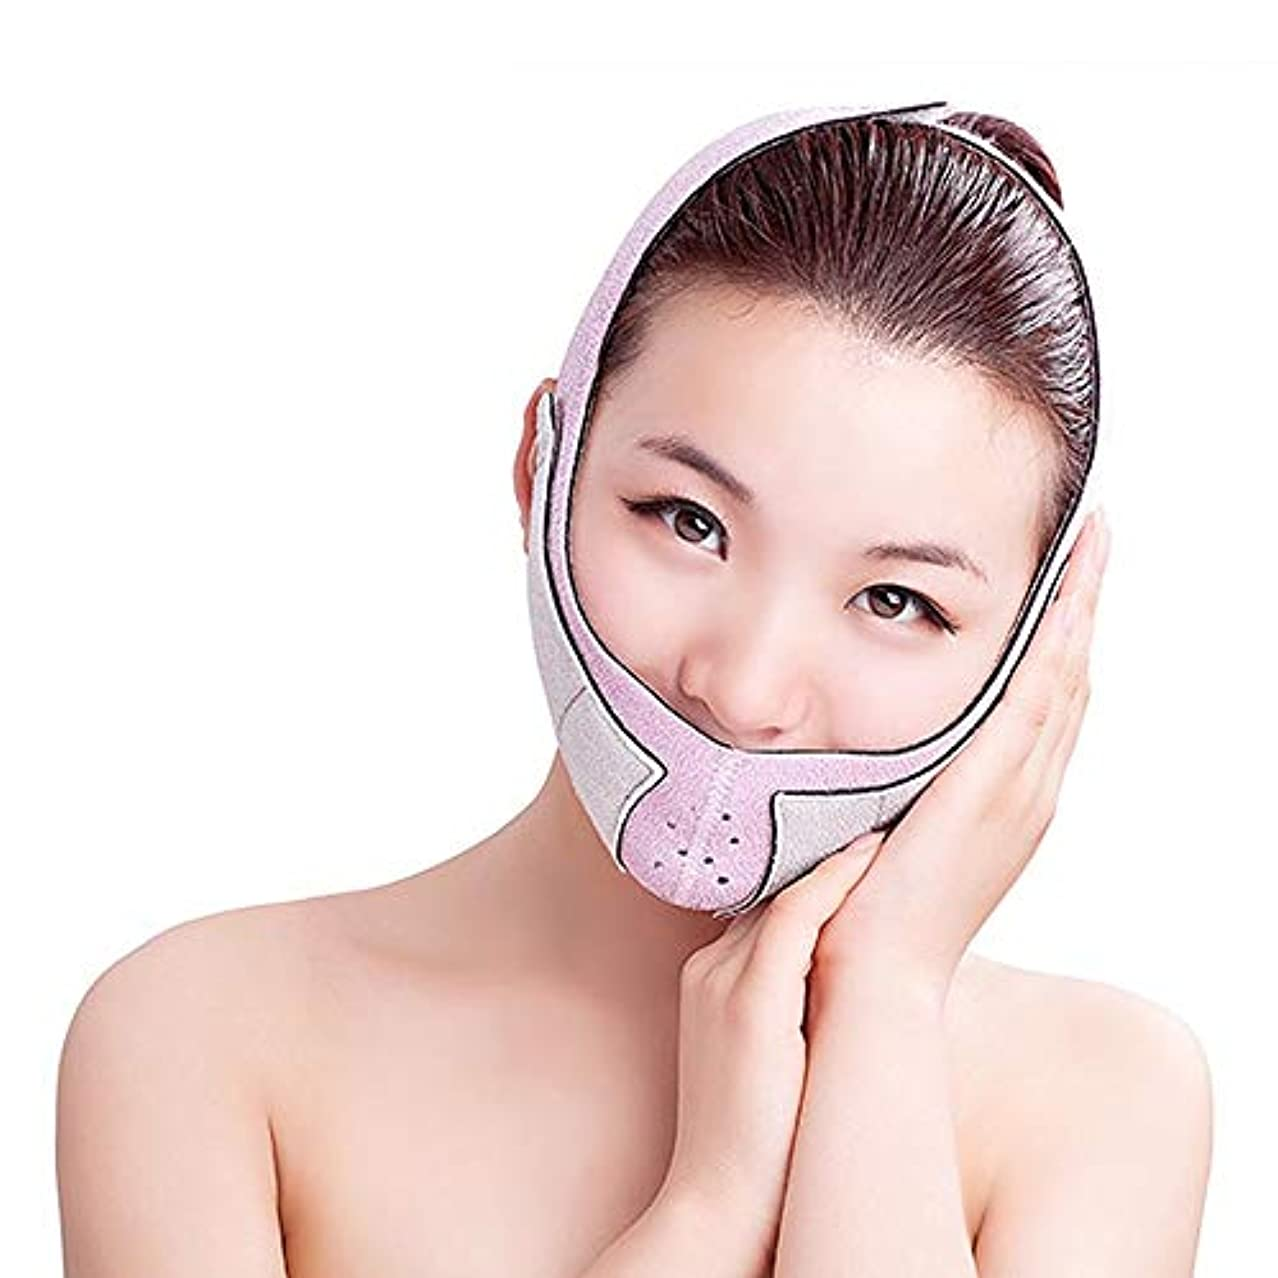 球状ロゴ単調なMinmin フェイシャルリフティングスリミングベルト - 薄いフェイスバンデージフェイスマスクベルトフリーフェイシャルマッサージシェイピングマスクは顔と首を締めます みんみんVラインフェイスマスク (Color : Pink)